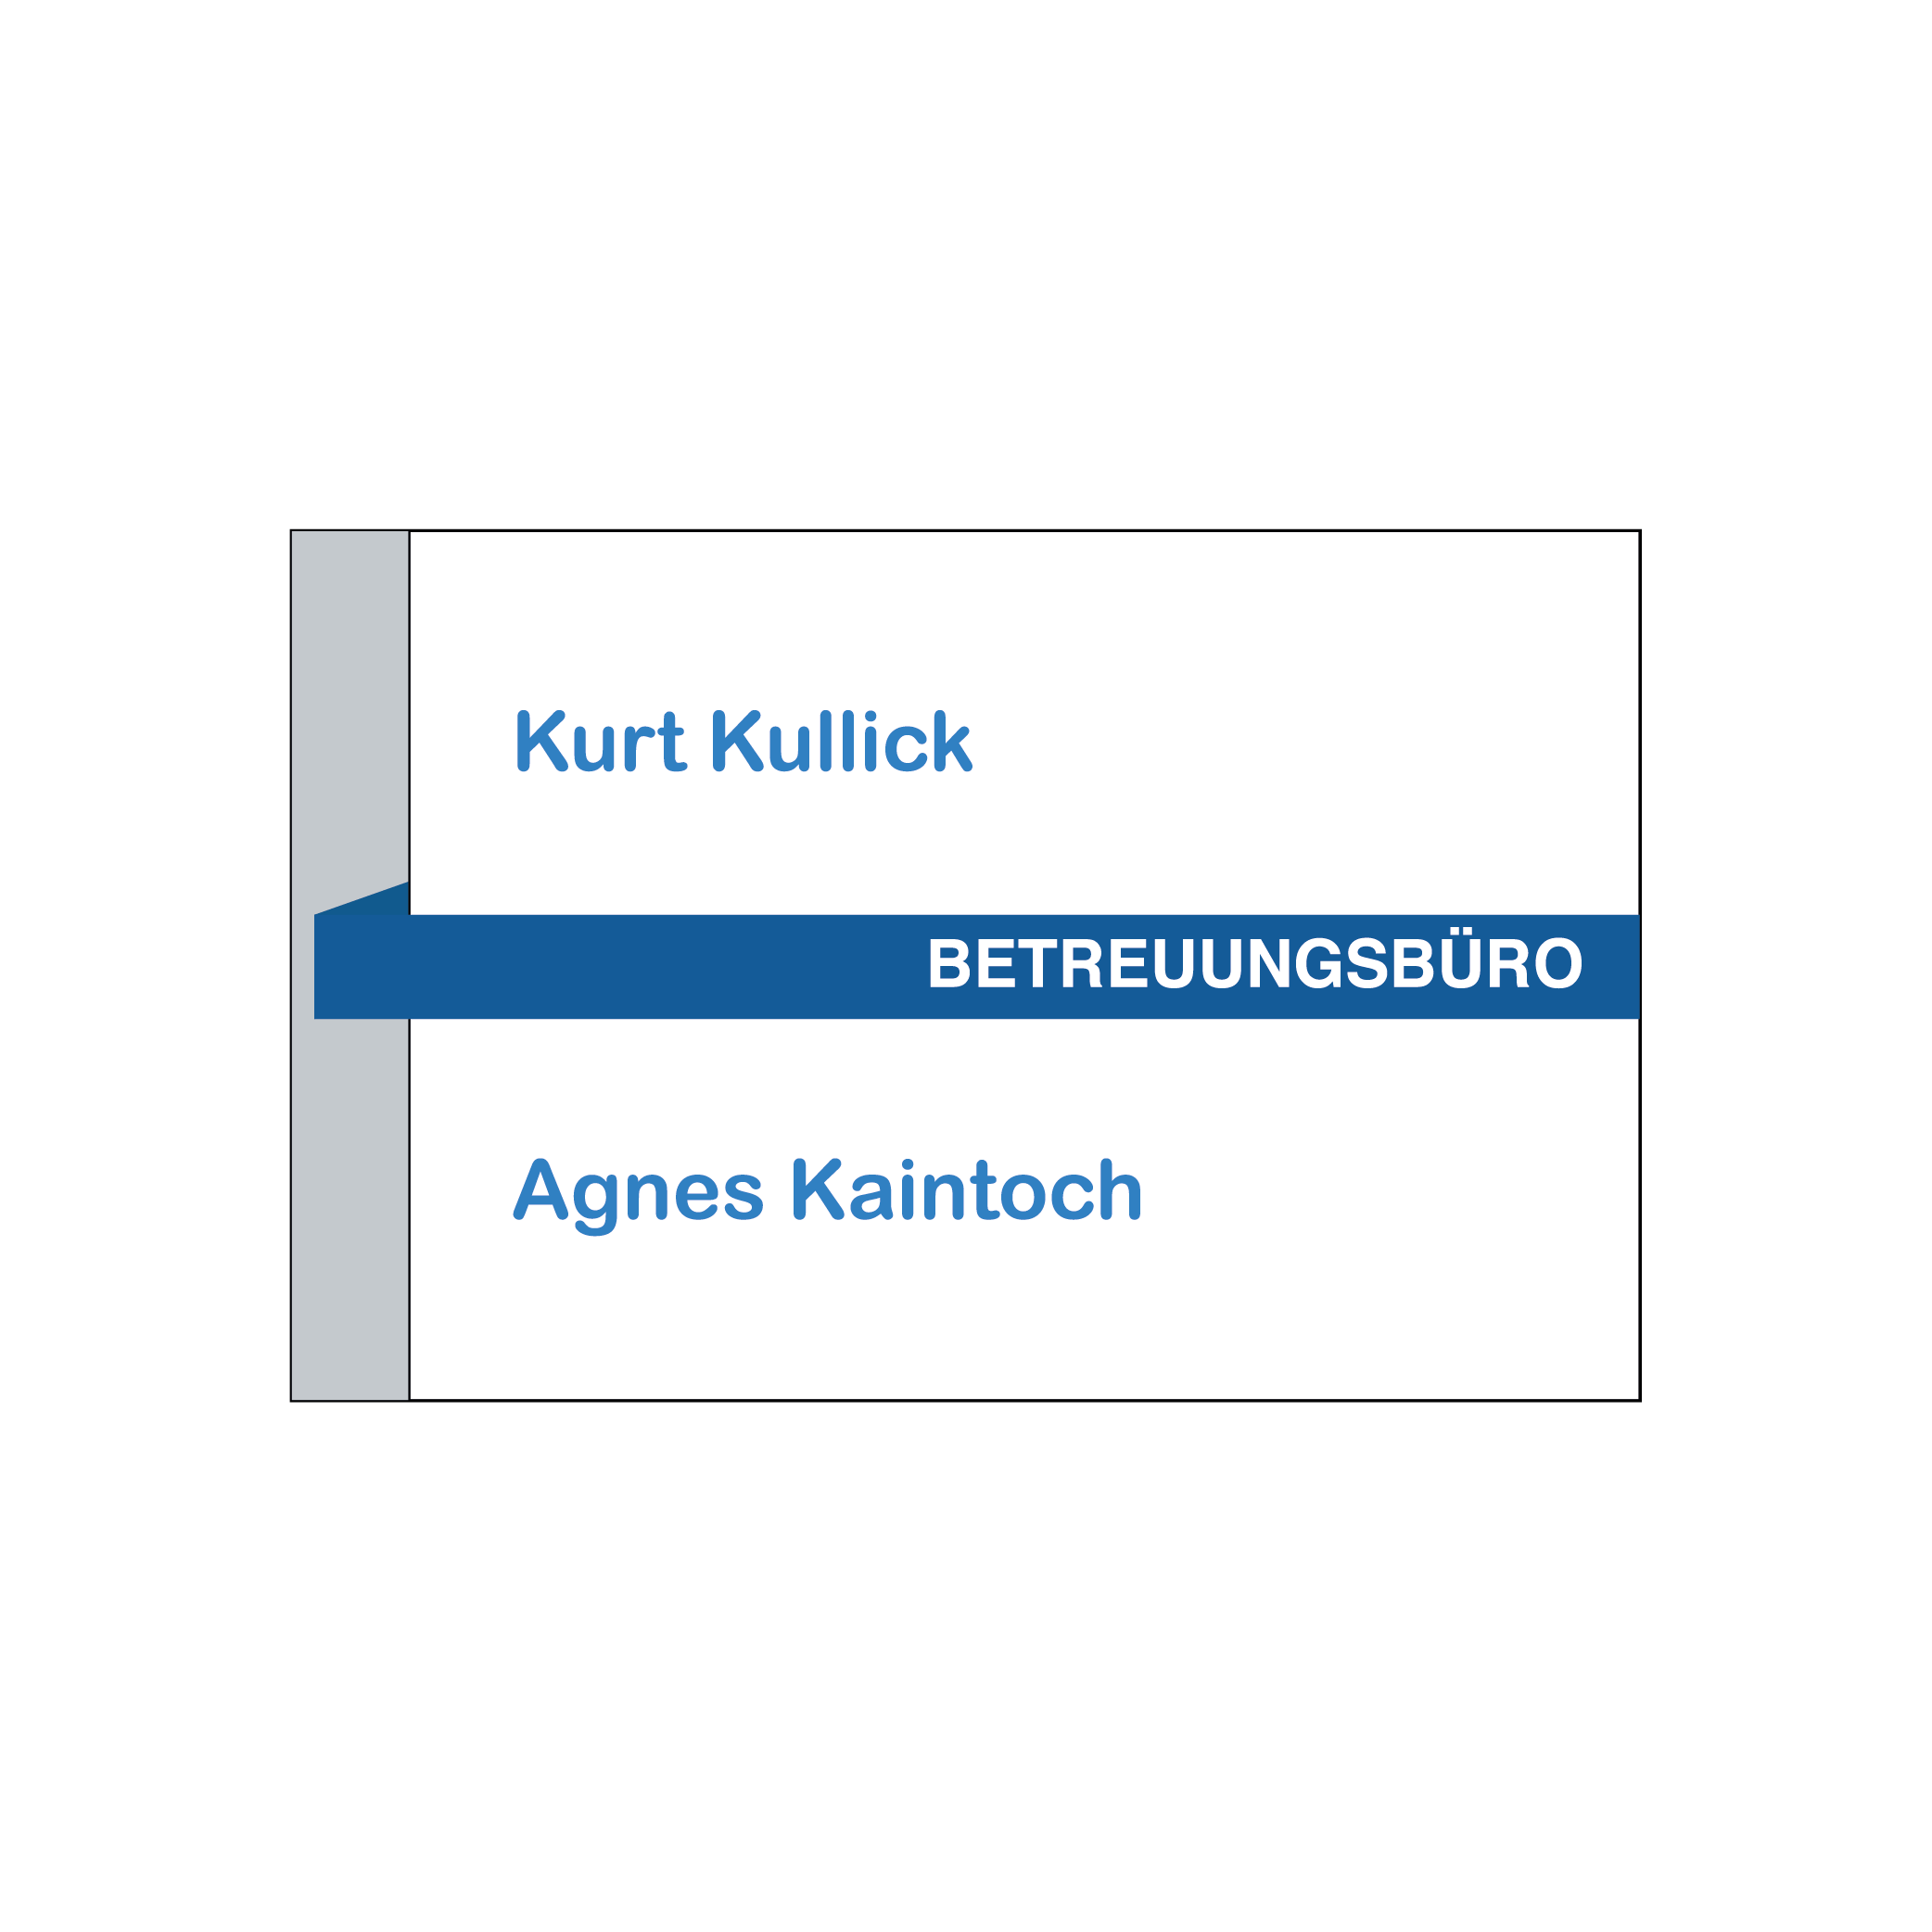 Kurt Kullick